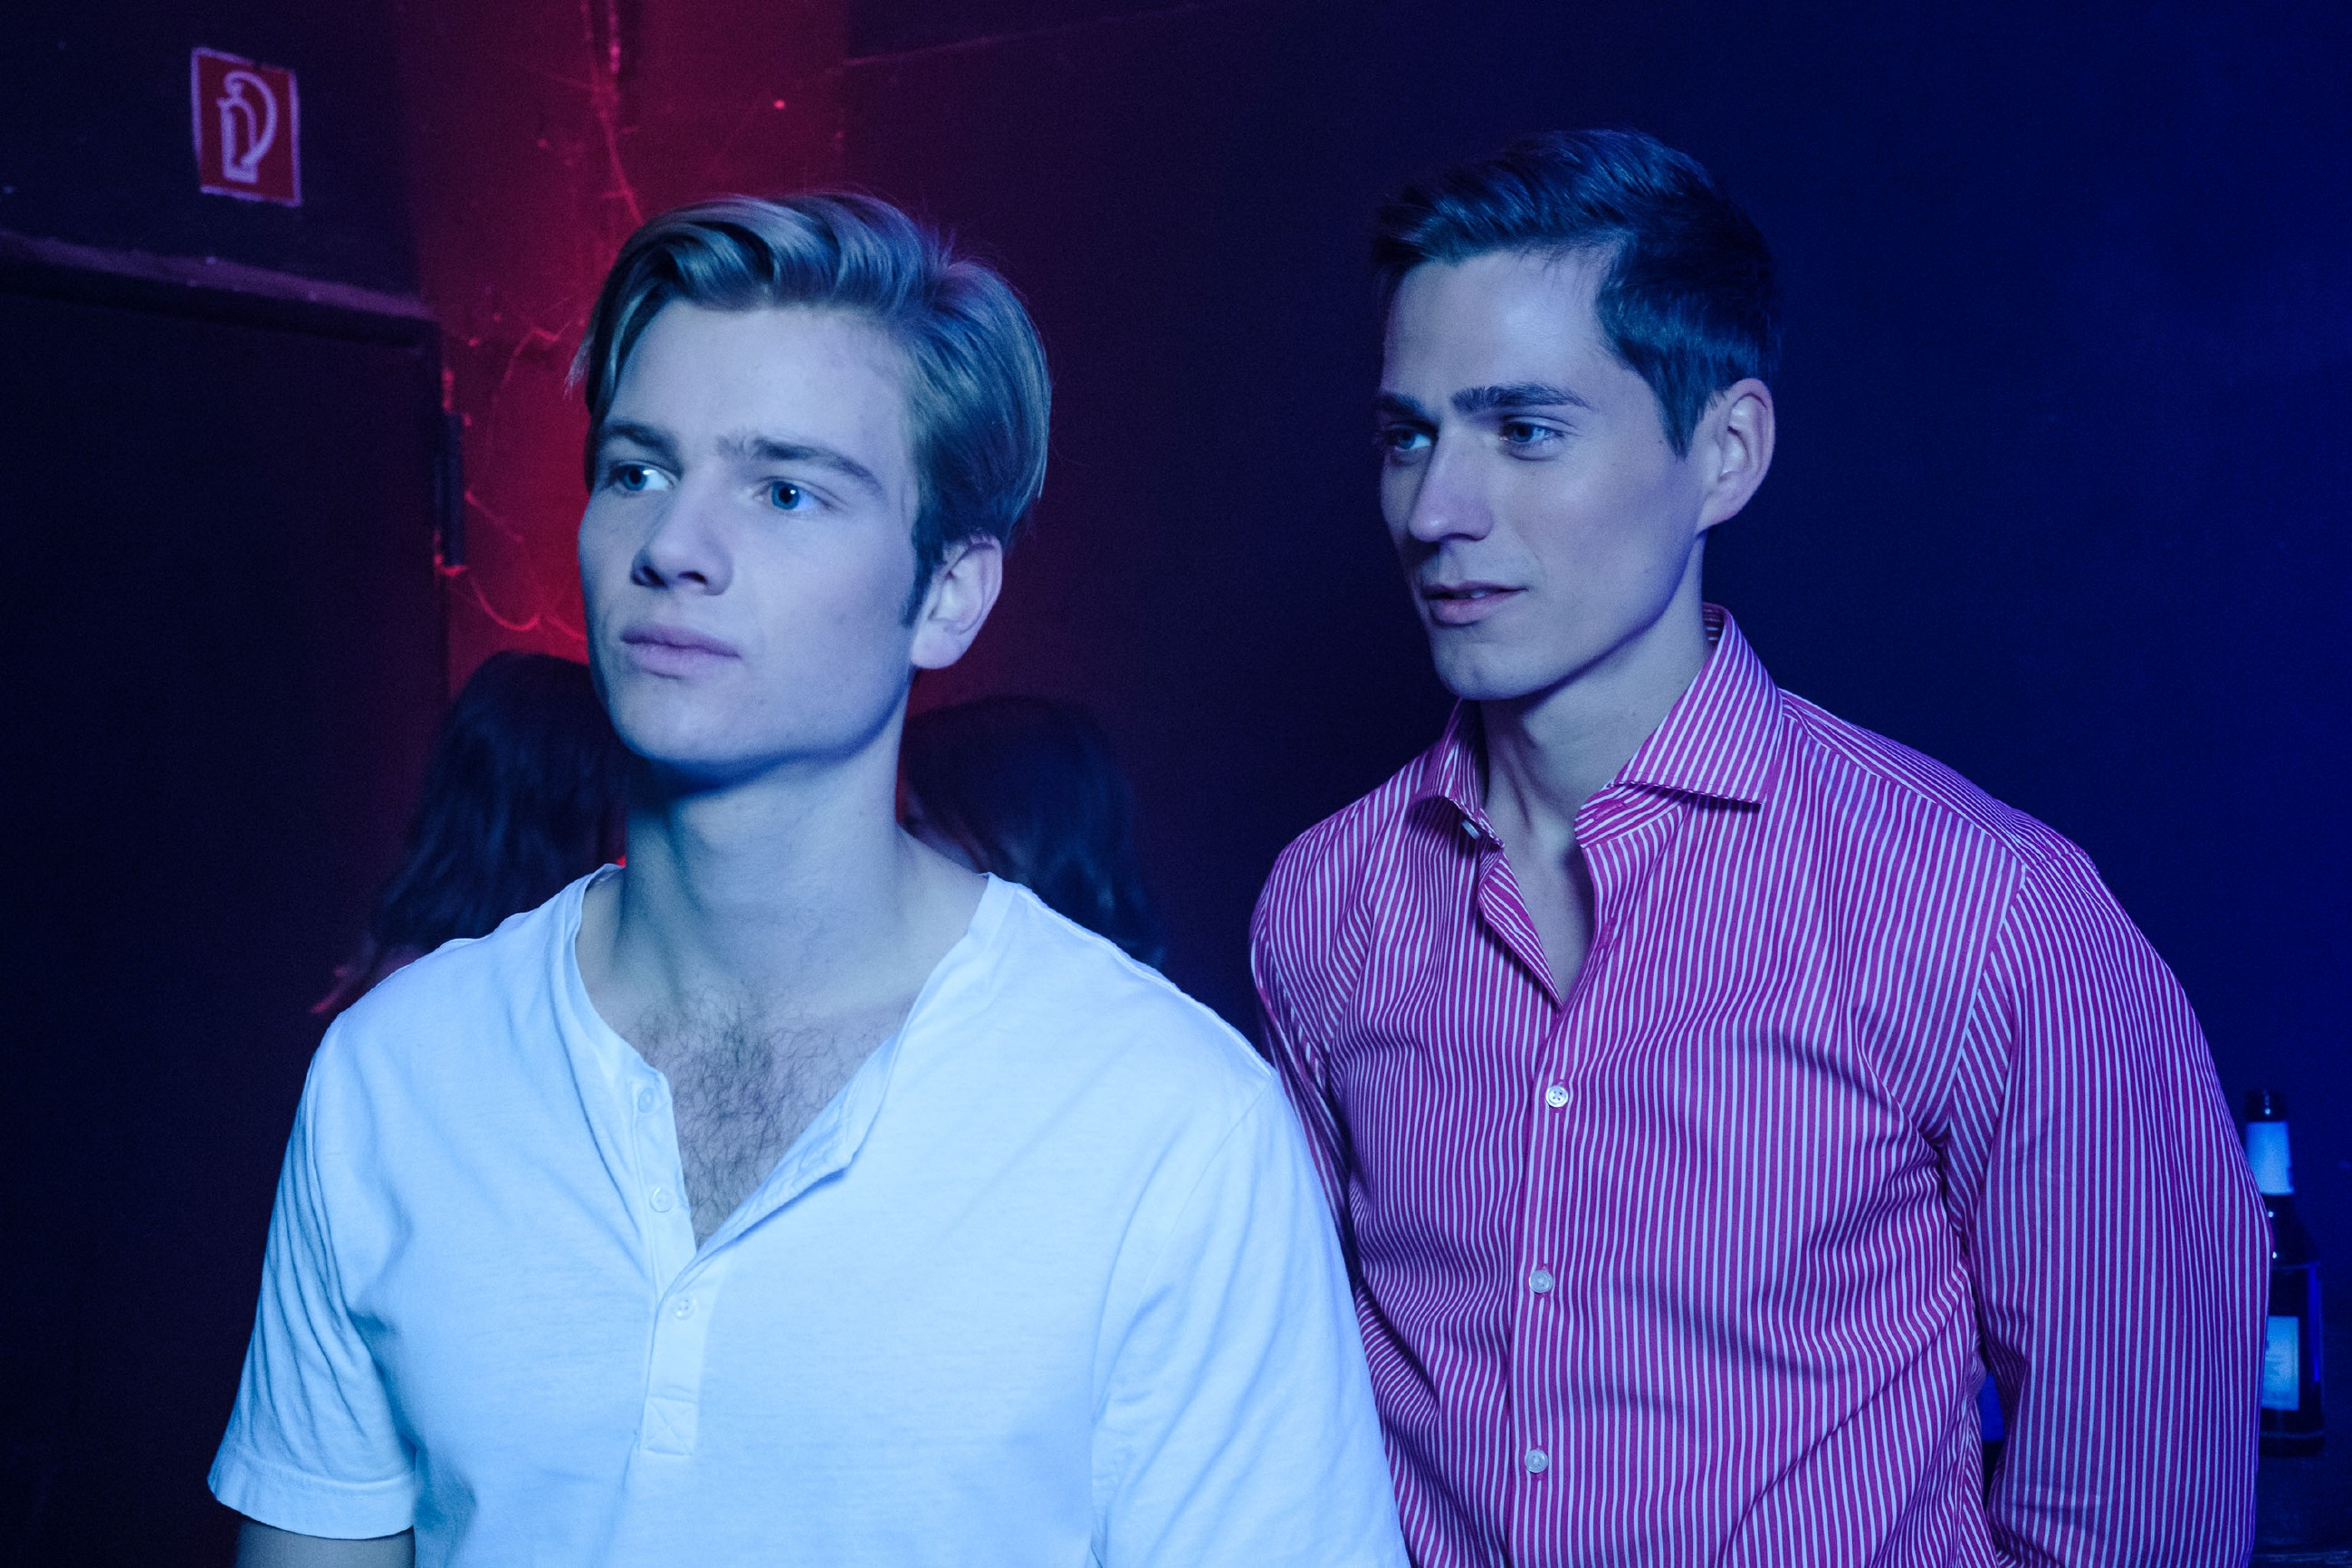 """Als es Valentin (Aaron Koszuta, l.) nicht zu stören scheint, in einem Gay-Club zu feiern und er Interesse an dieser """"Welt"""" zeigt, schöpft Ringo (Timothy Boldt) Hoffnung... (Quelle: RTL / Stefan Behrens)"""